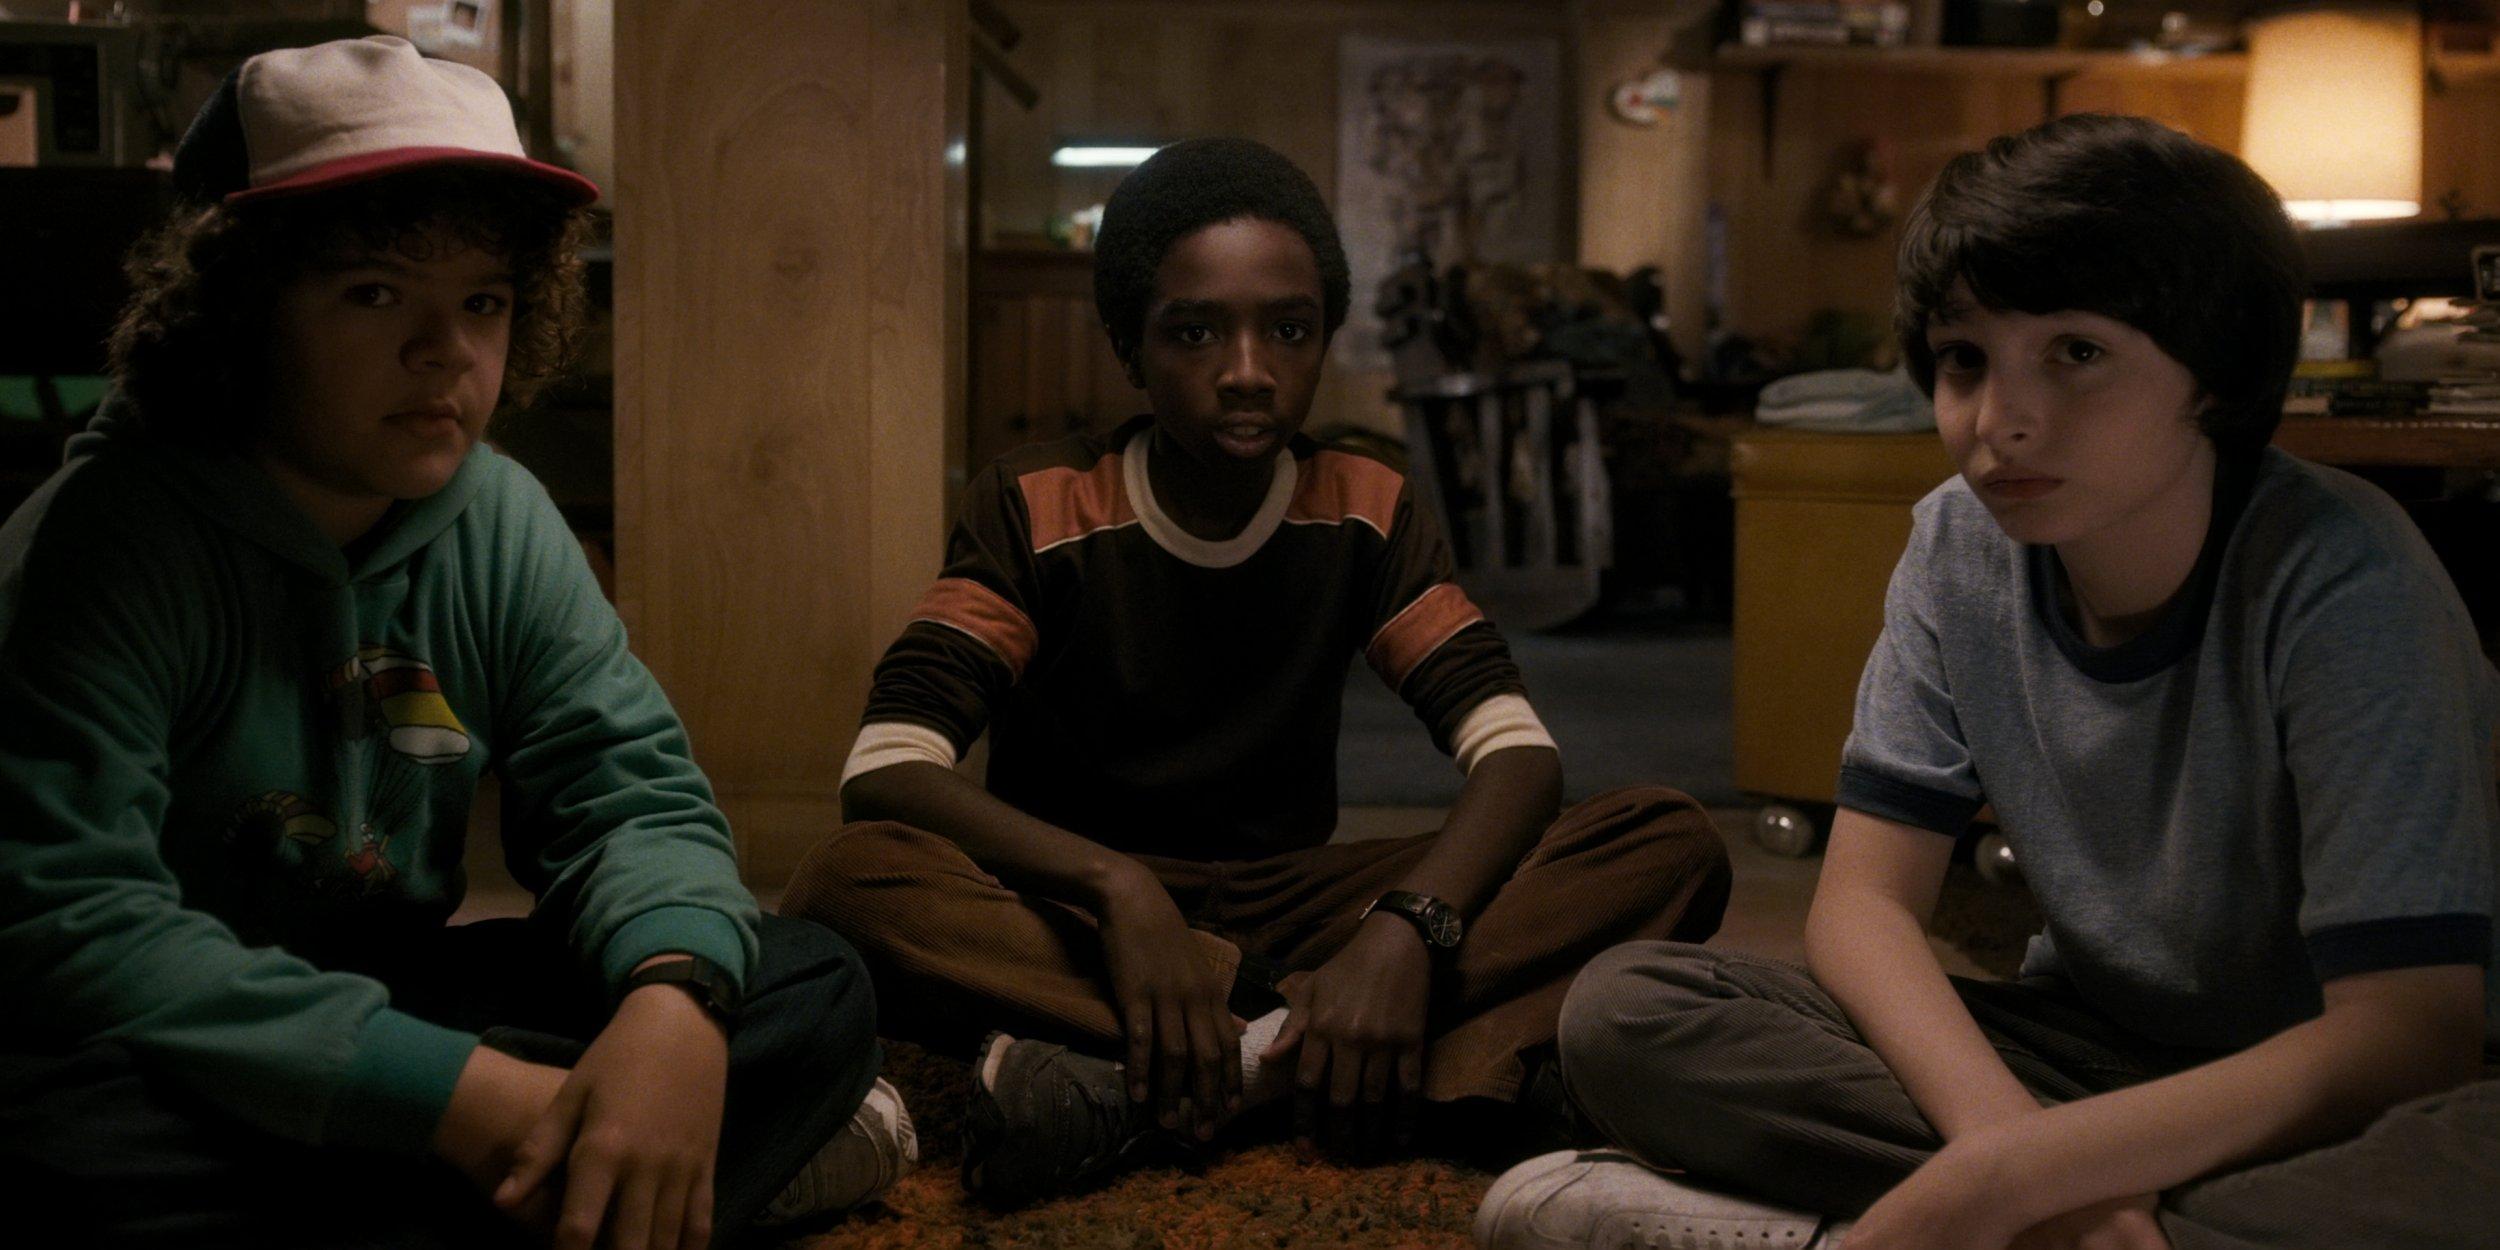 Netflix's Stranger Things